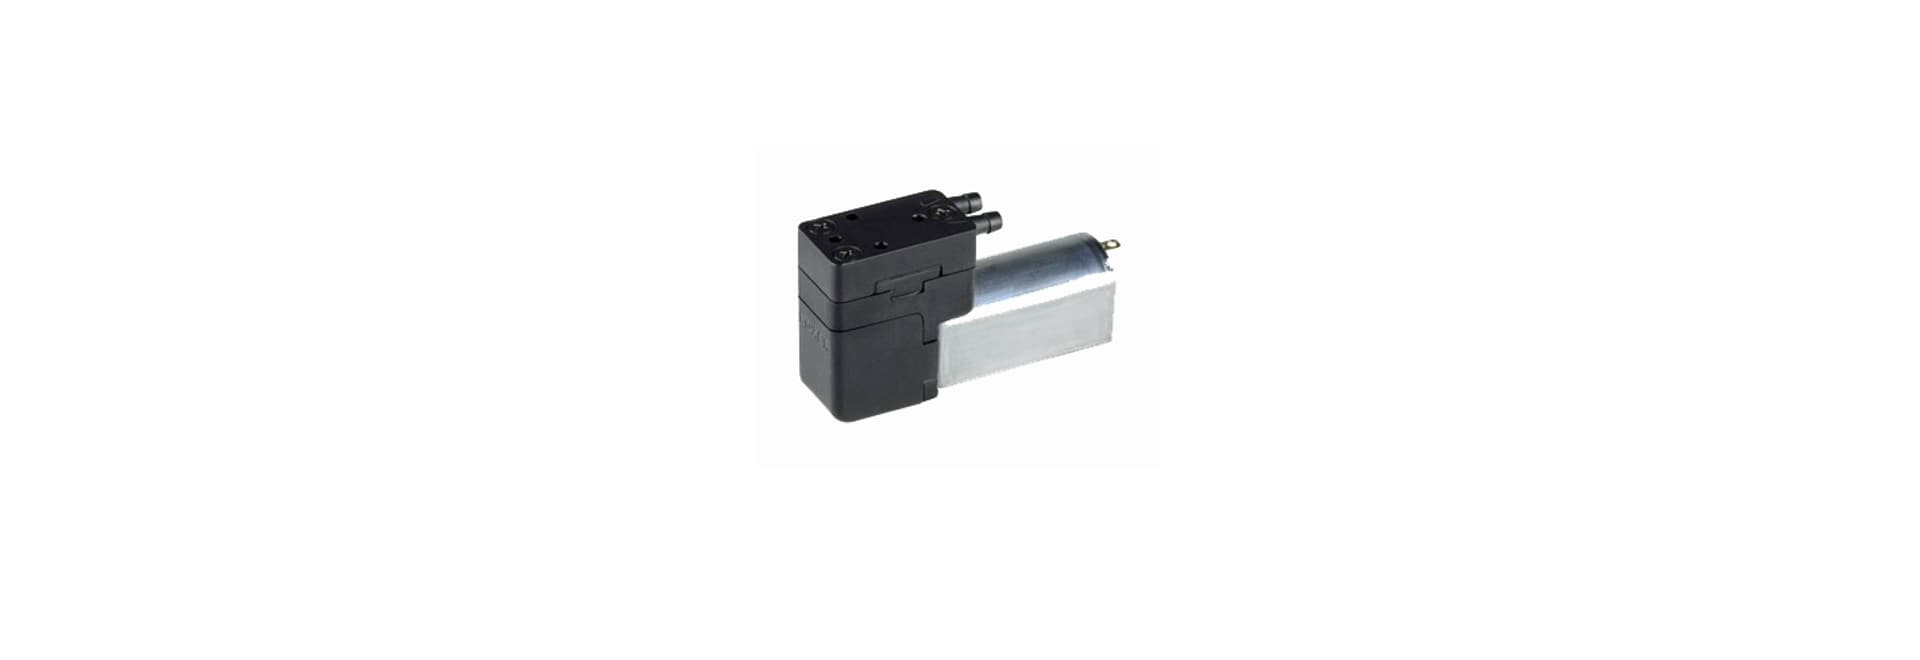 Miniaturreihe des membranpumpe-Boxer-20K